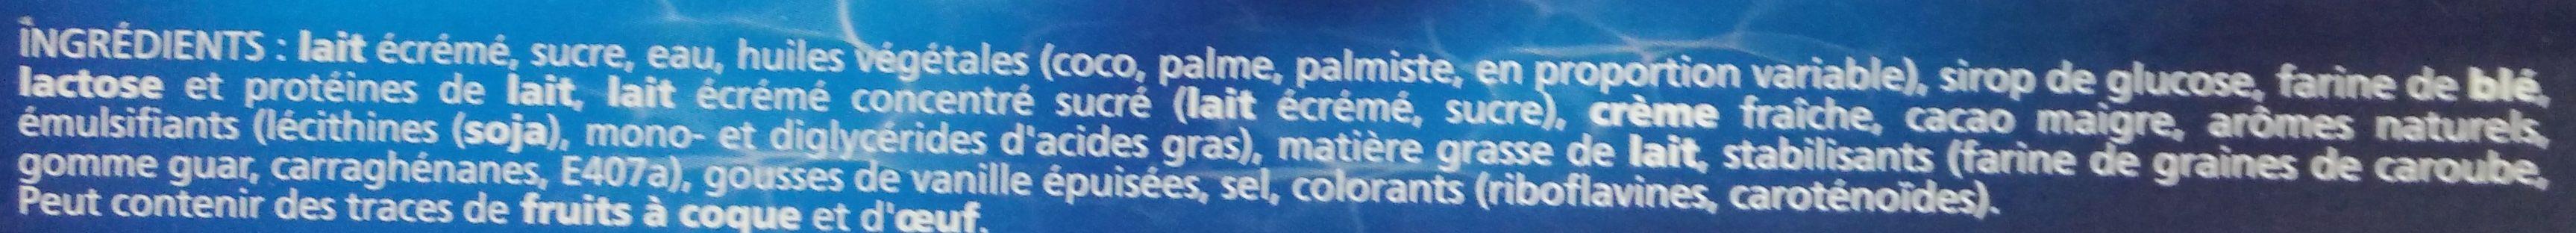 Extrême l'Original parfum Crème Brûlée & Éclats Caramélisés - Ingrediënten